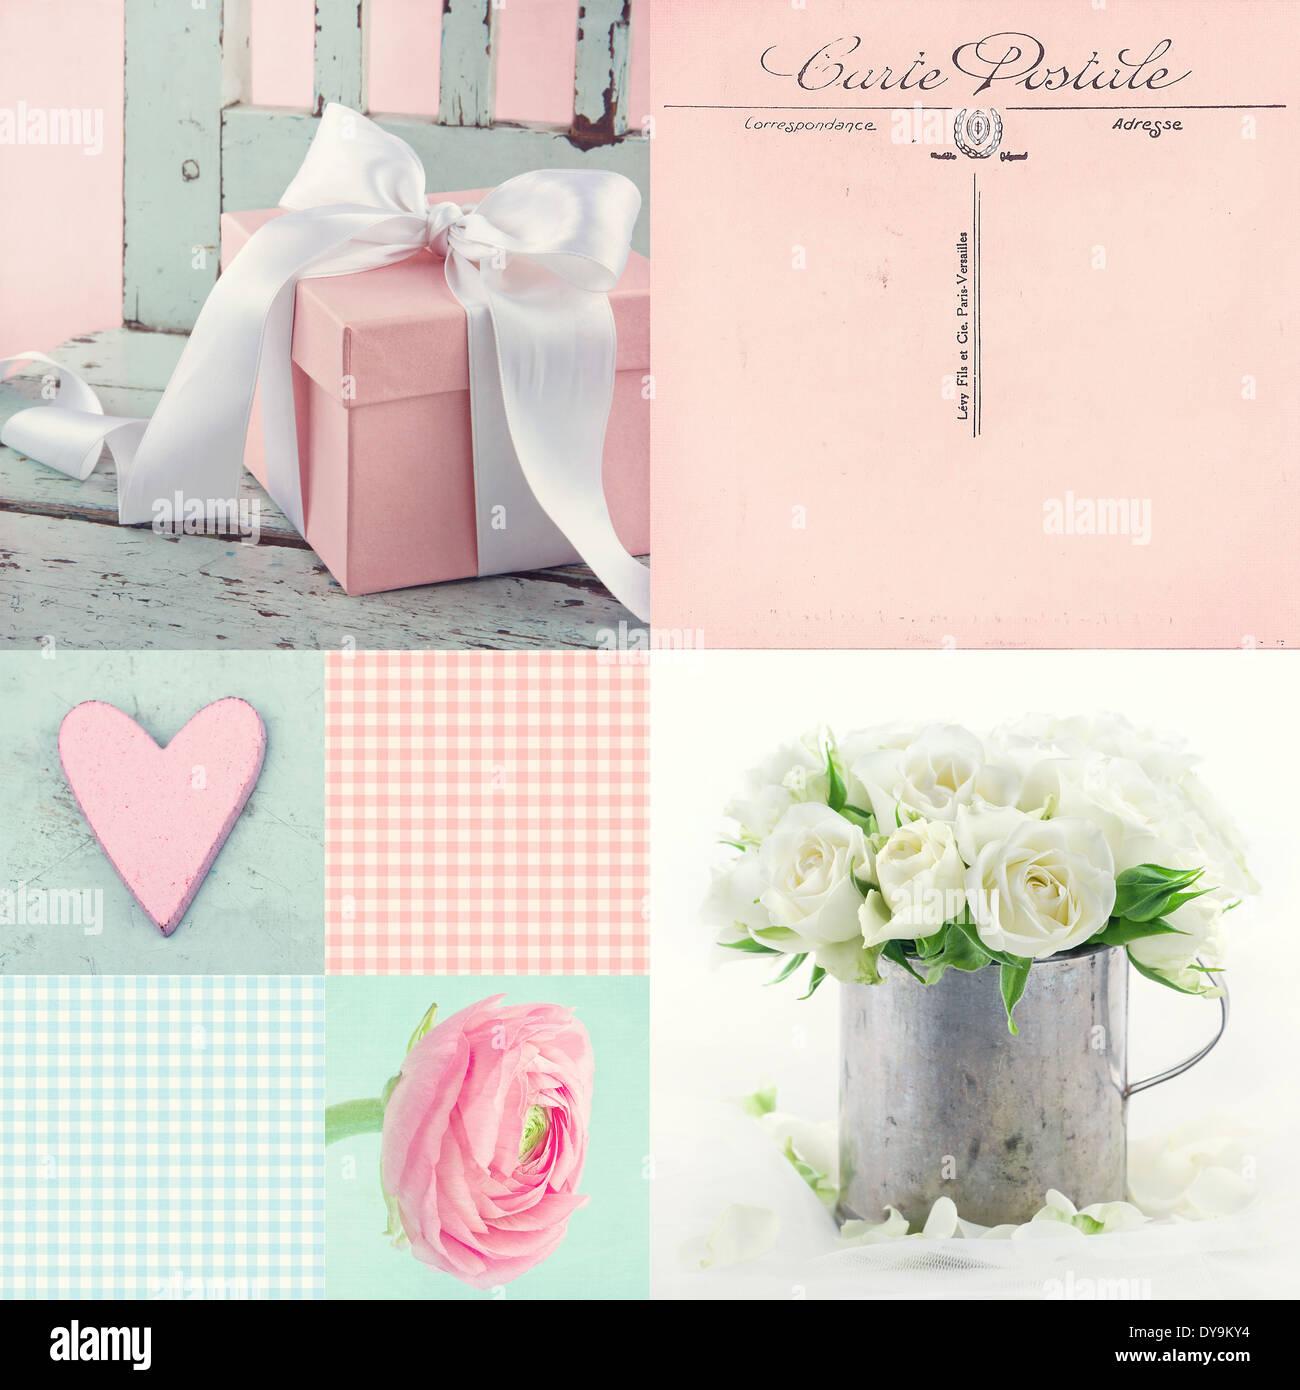 Rose et bleu clair ton collage de fleurs et d'aujourd'hui avec vintage postcard greeting Banque D'Images